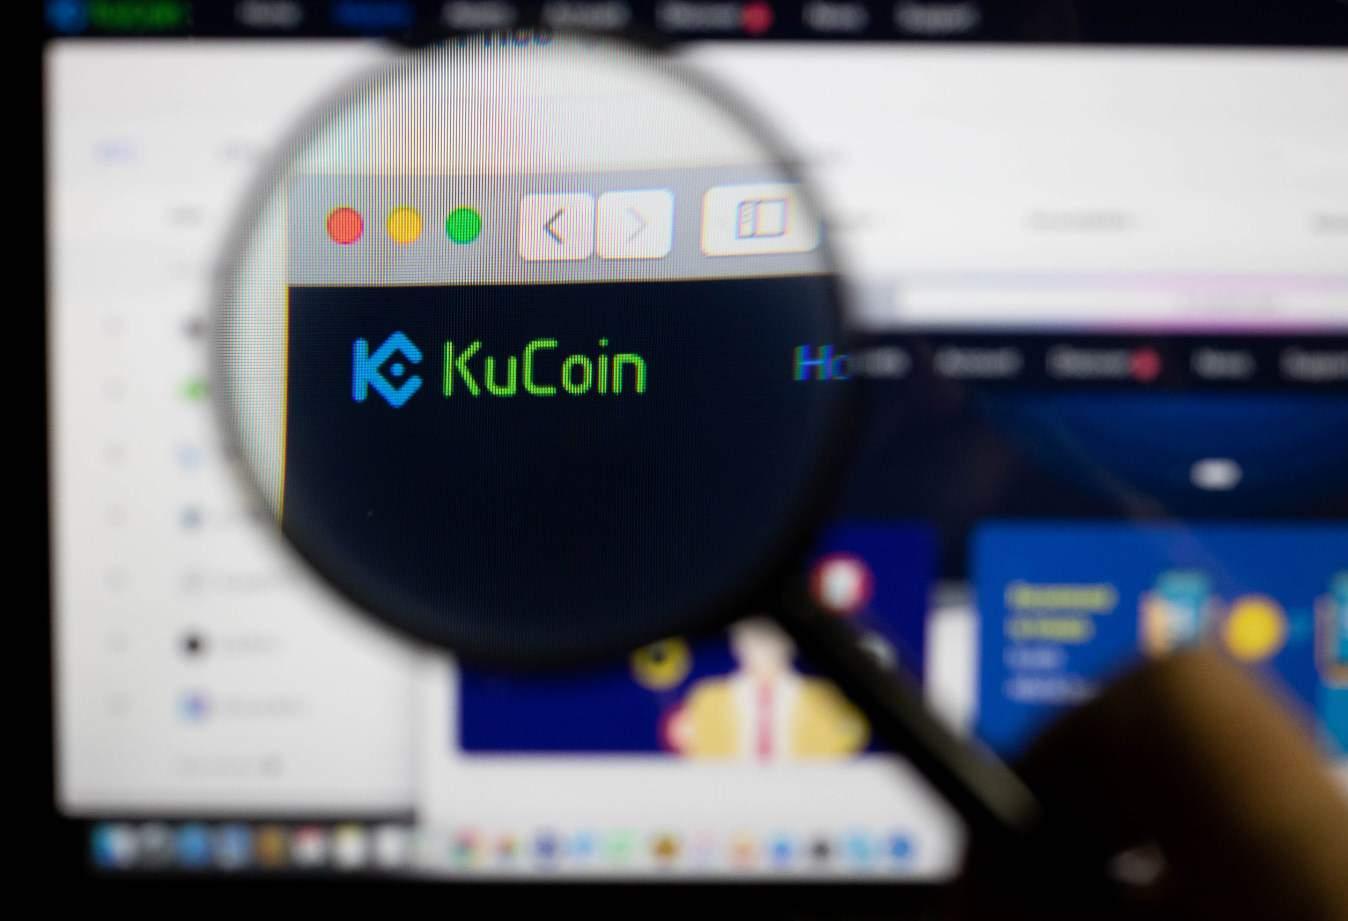 KuCoin account